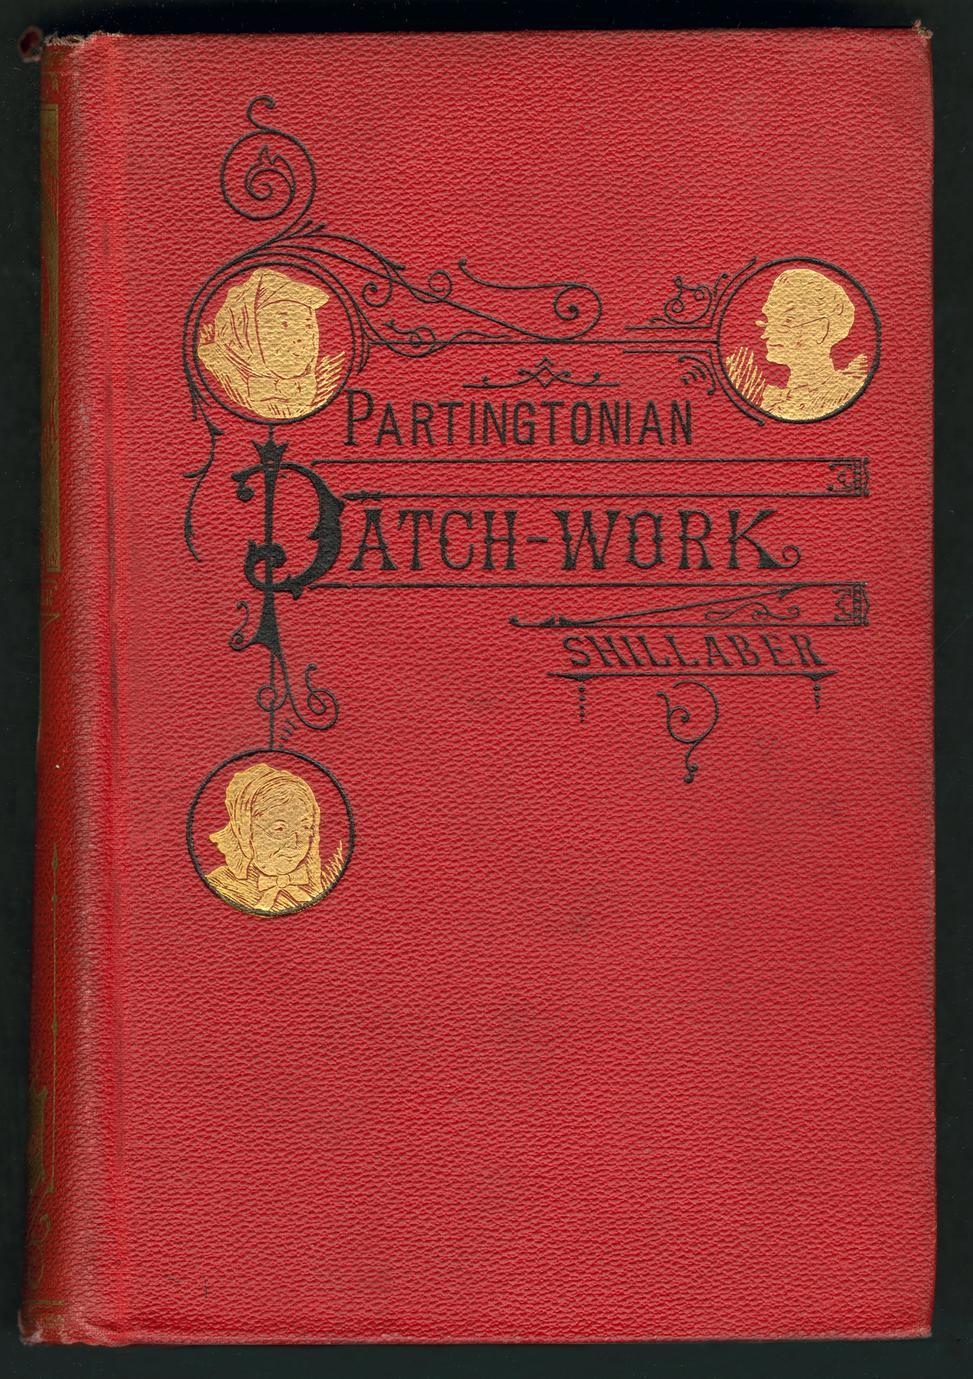 Partingtonian patchwork (1 of 4)